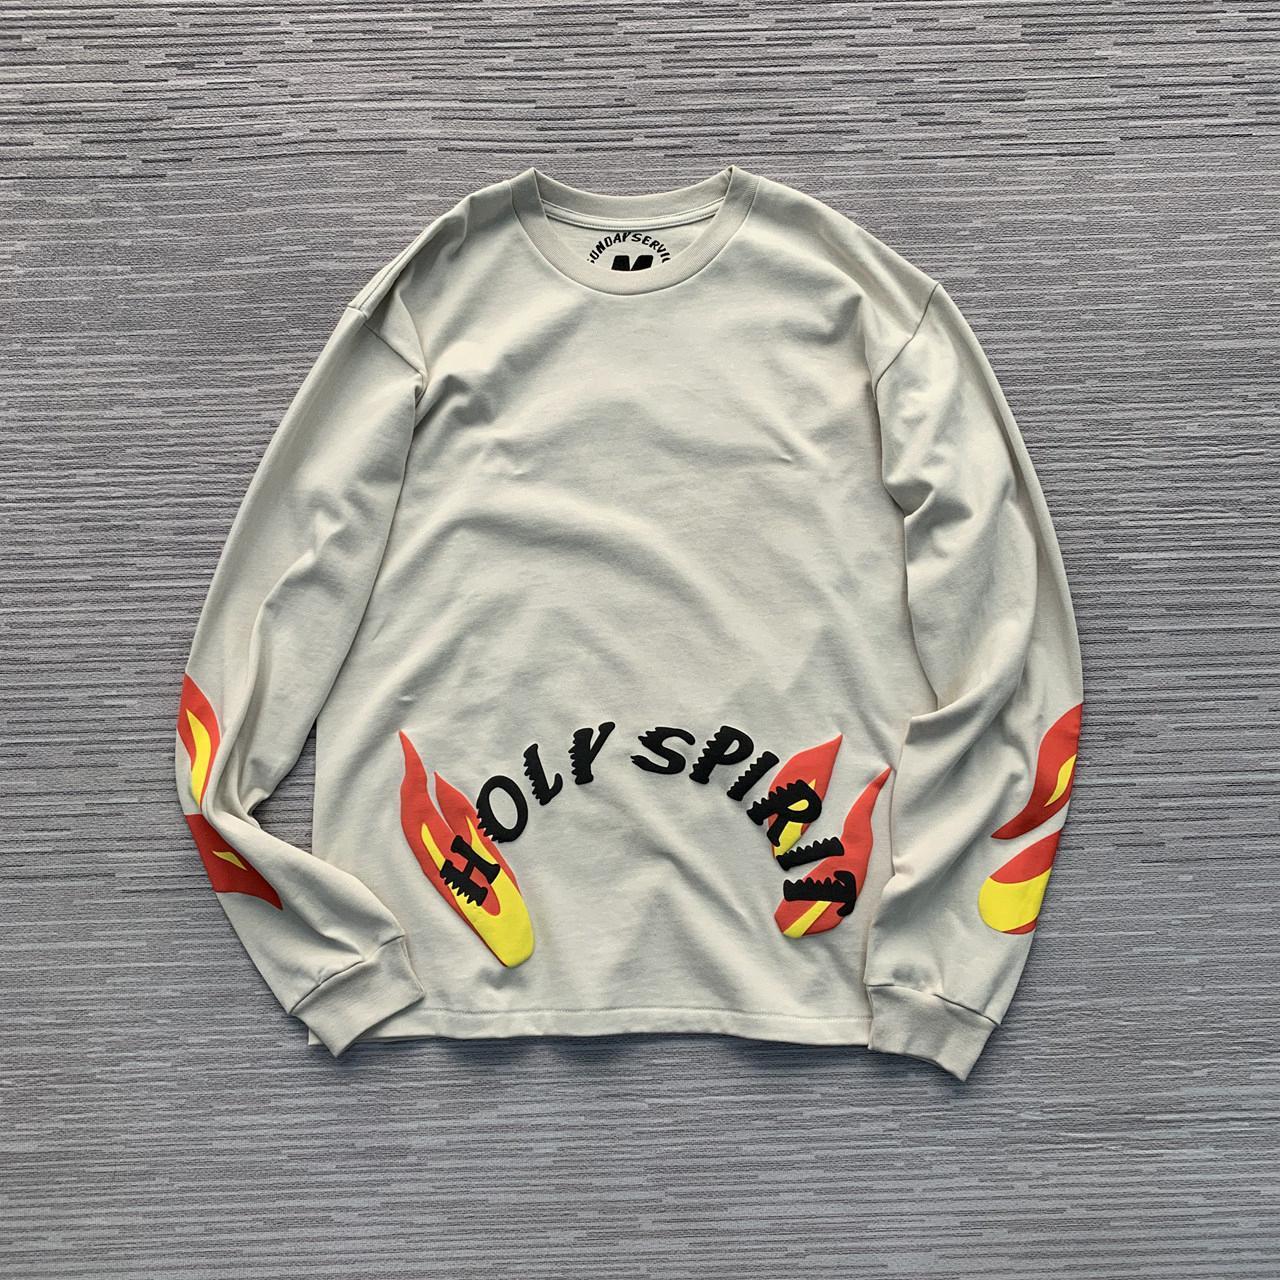 Kanye West Concert limitada Foam impressão de coco Style Plus pulôver em torno do pescoço camisola camisola afligido Style Plus HOODIE188a #